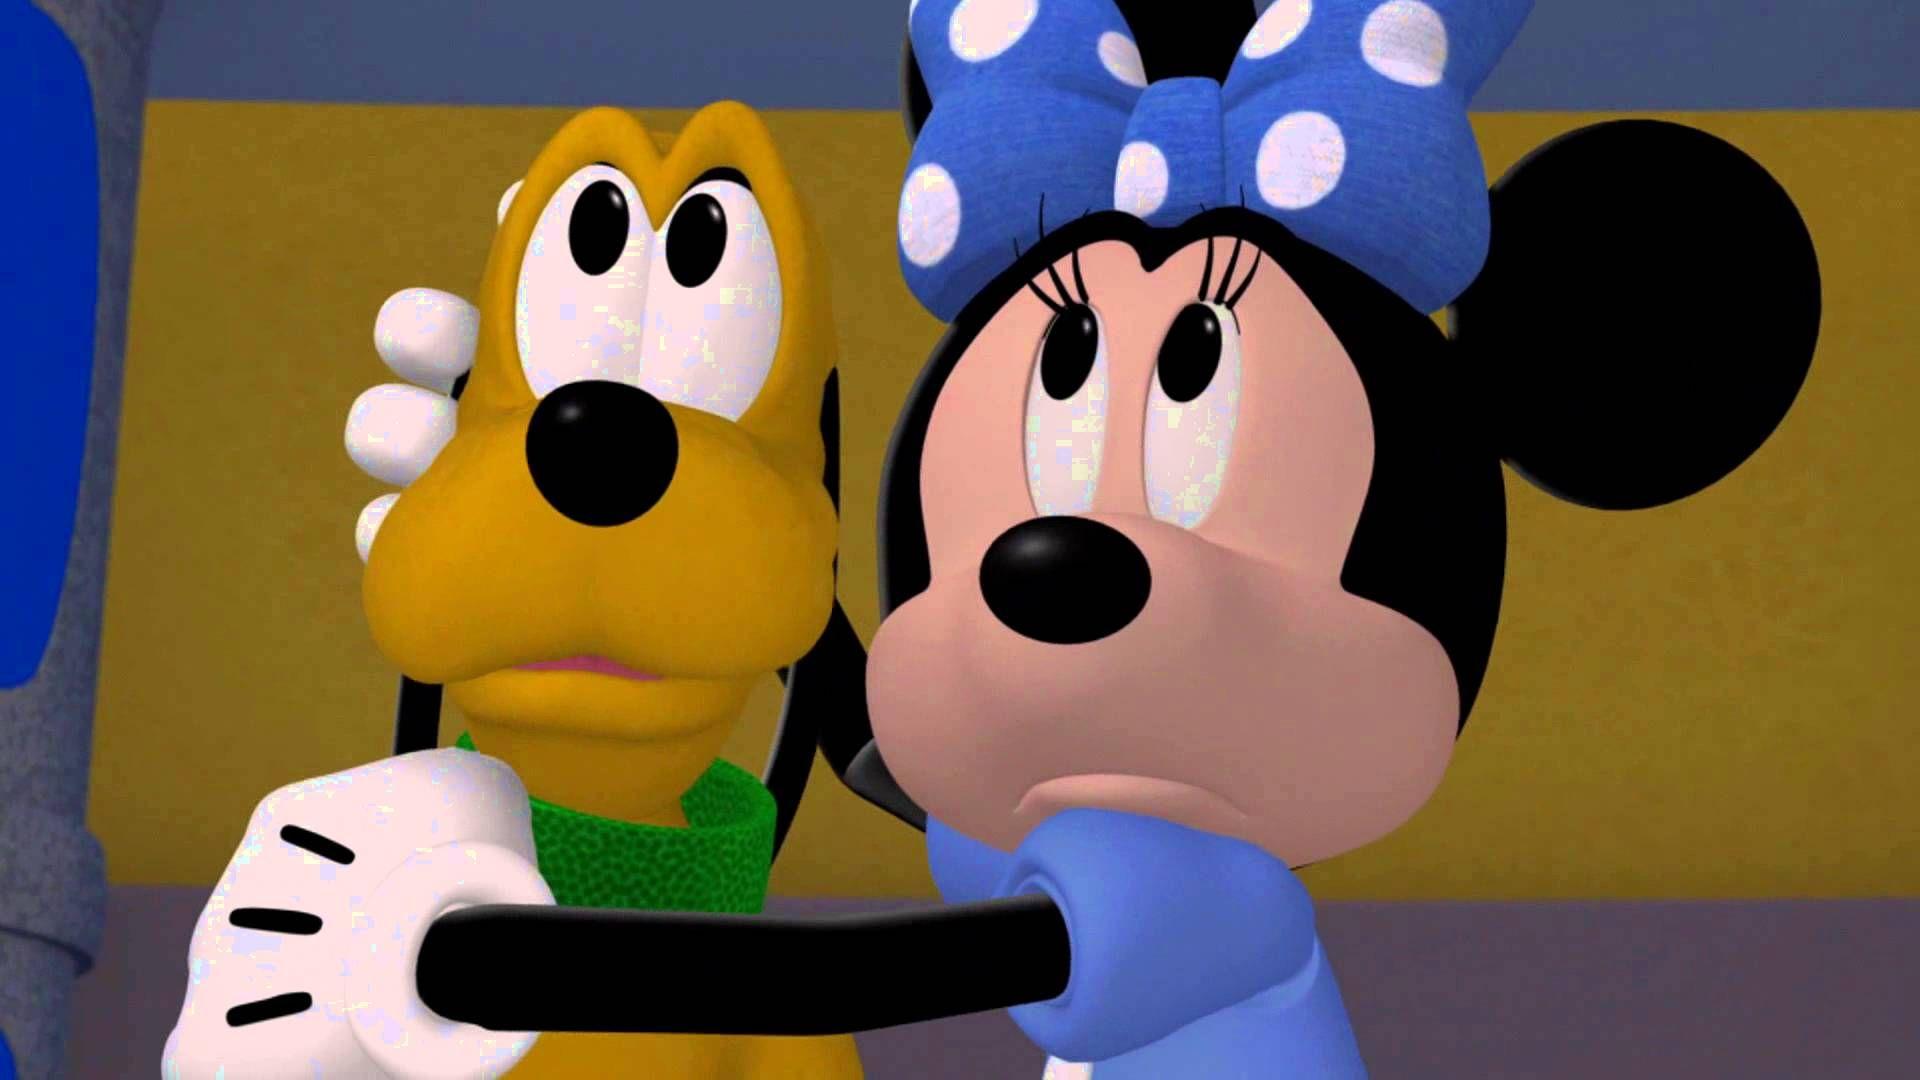 Disney junior la maison de mickey le magicien d 39 izz extrait de l 39 p mickey mouse - Maison de mickey halloween ...